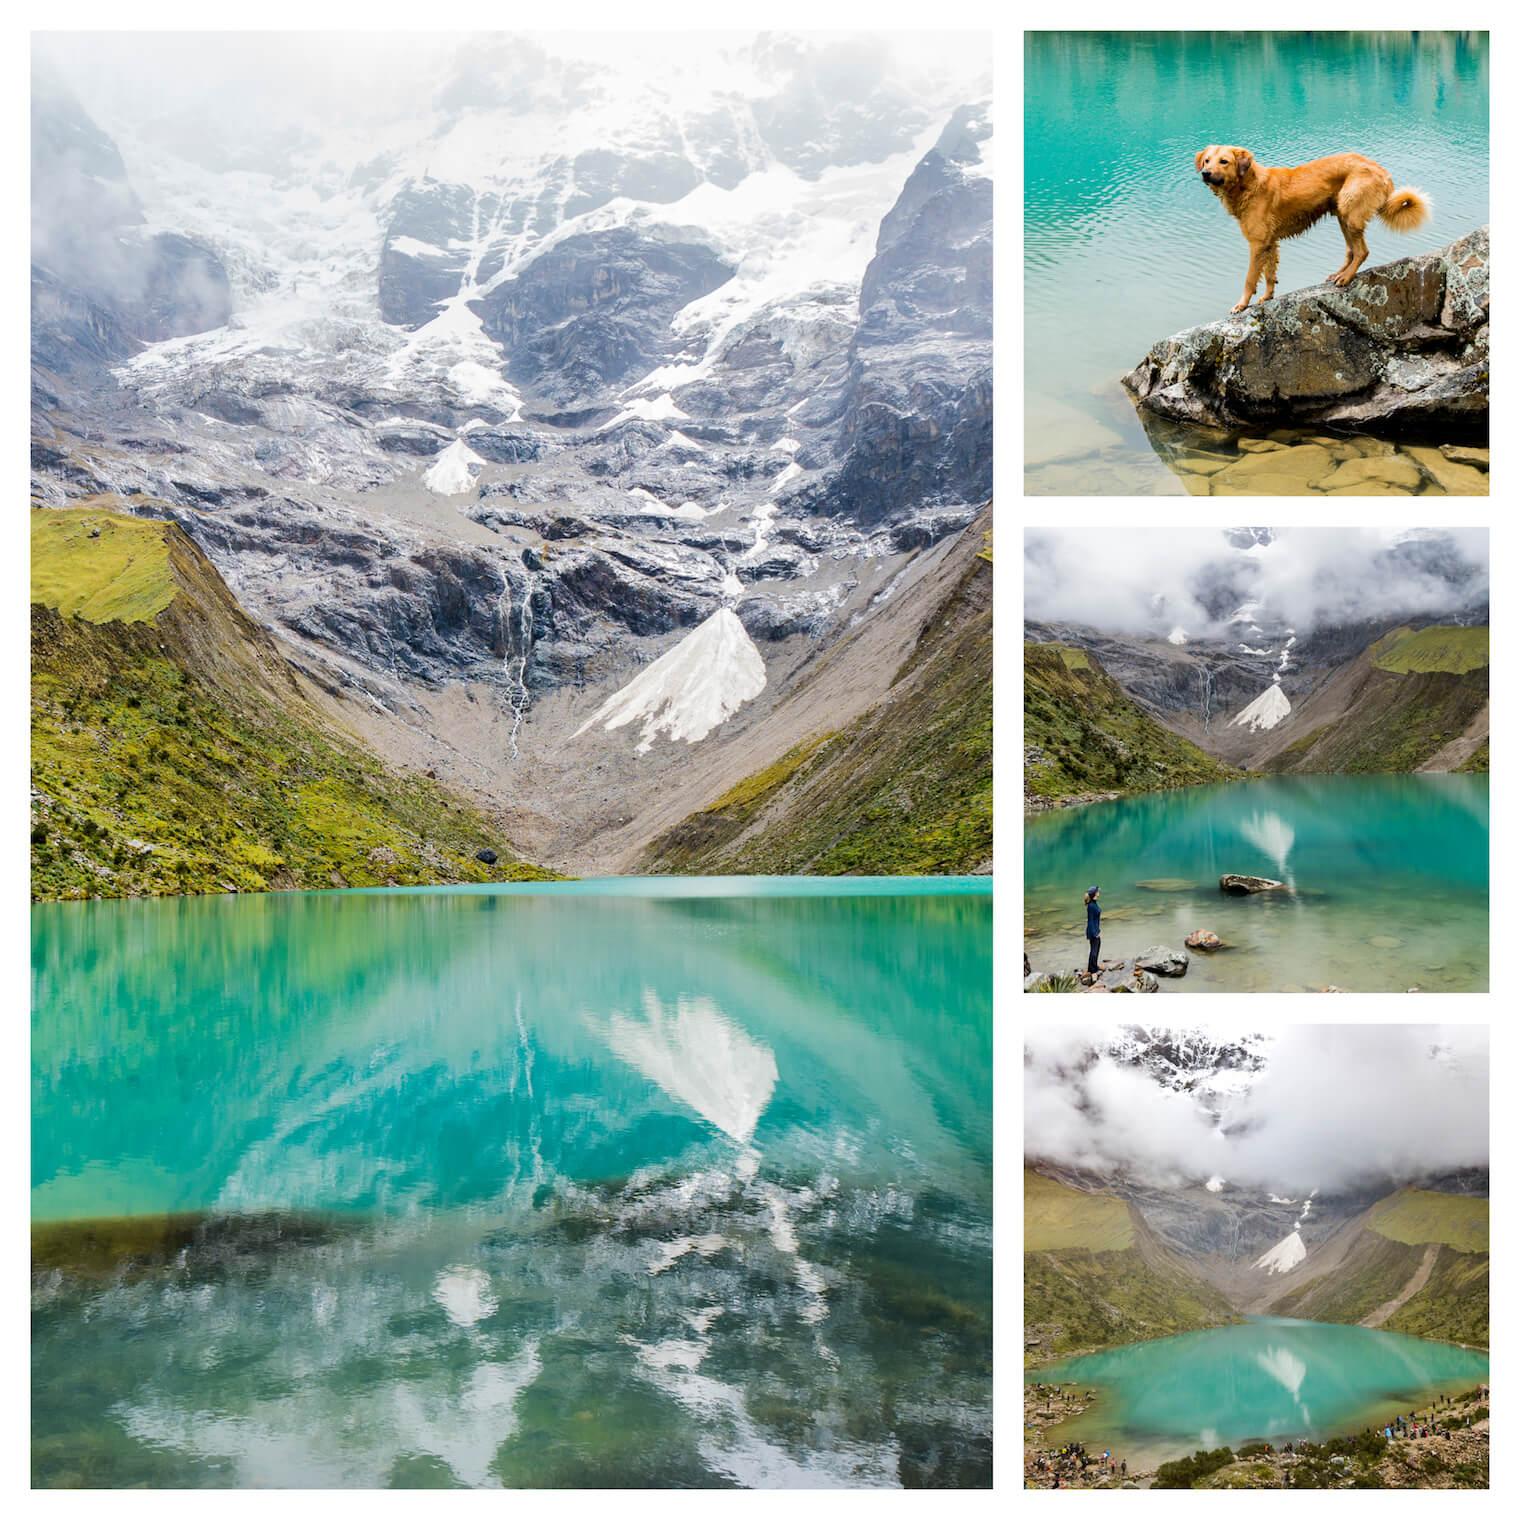 4 fotos: em destaque a esquerda: a foto de um lago verde e azul turquesa com bastante reflexo e montanhas nevadas atras. Superior direita: um cachorro aproveitando o lago. Meio direita: uma garota em pé perto do lago observando ele. Inferior direita: vista do lago atraves de um drone.